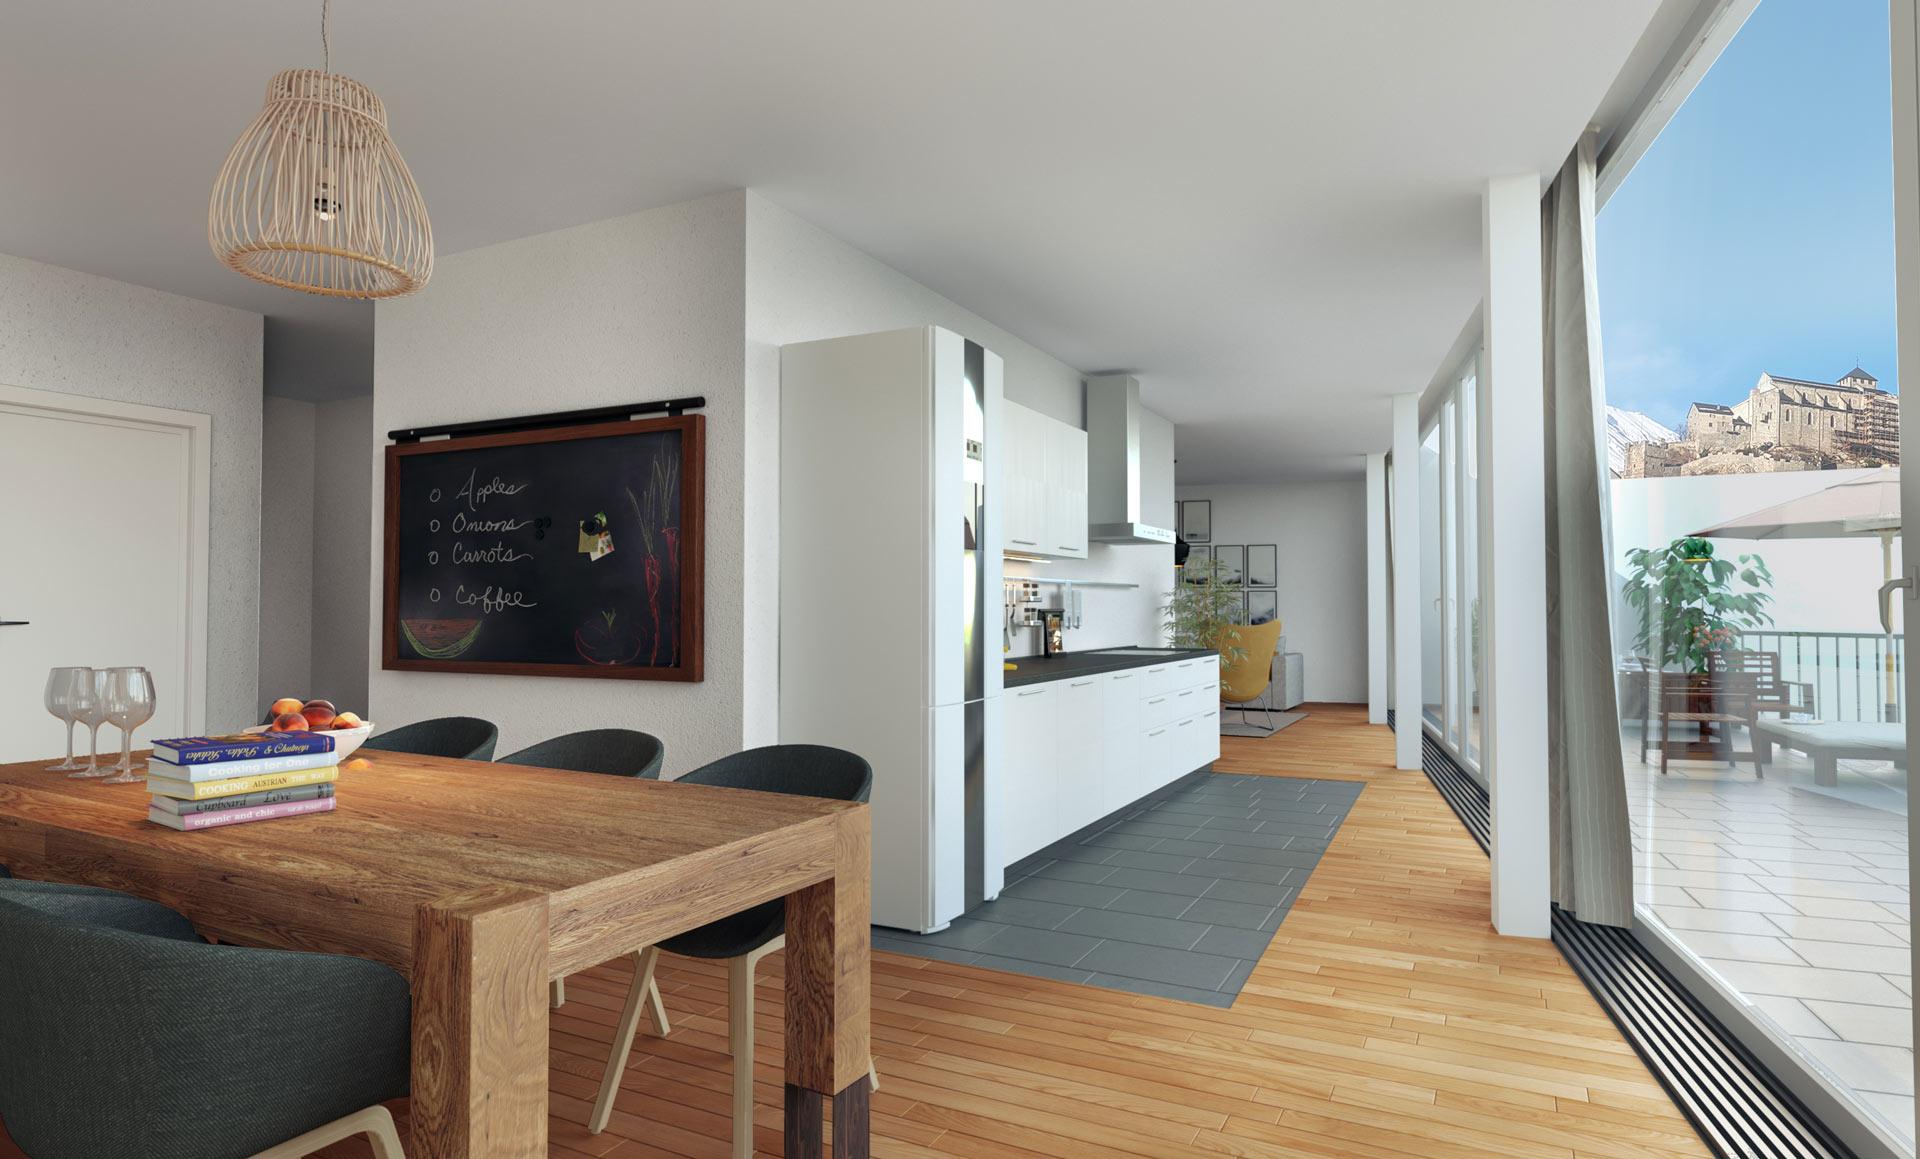 Immeuble La Clarté – Sion (VS)3